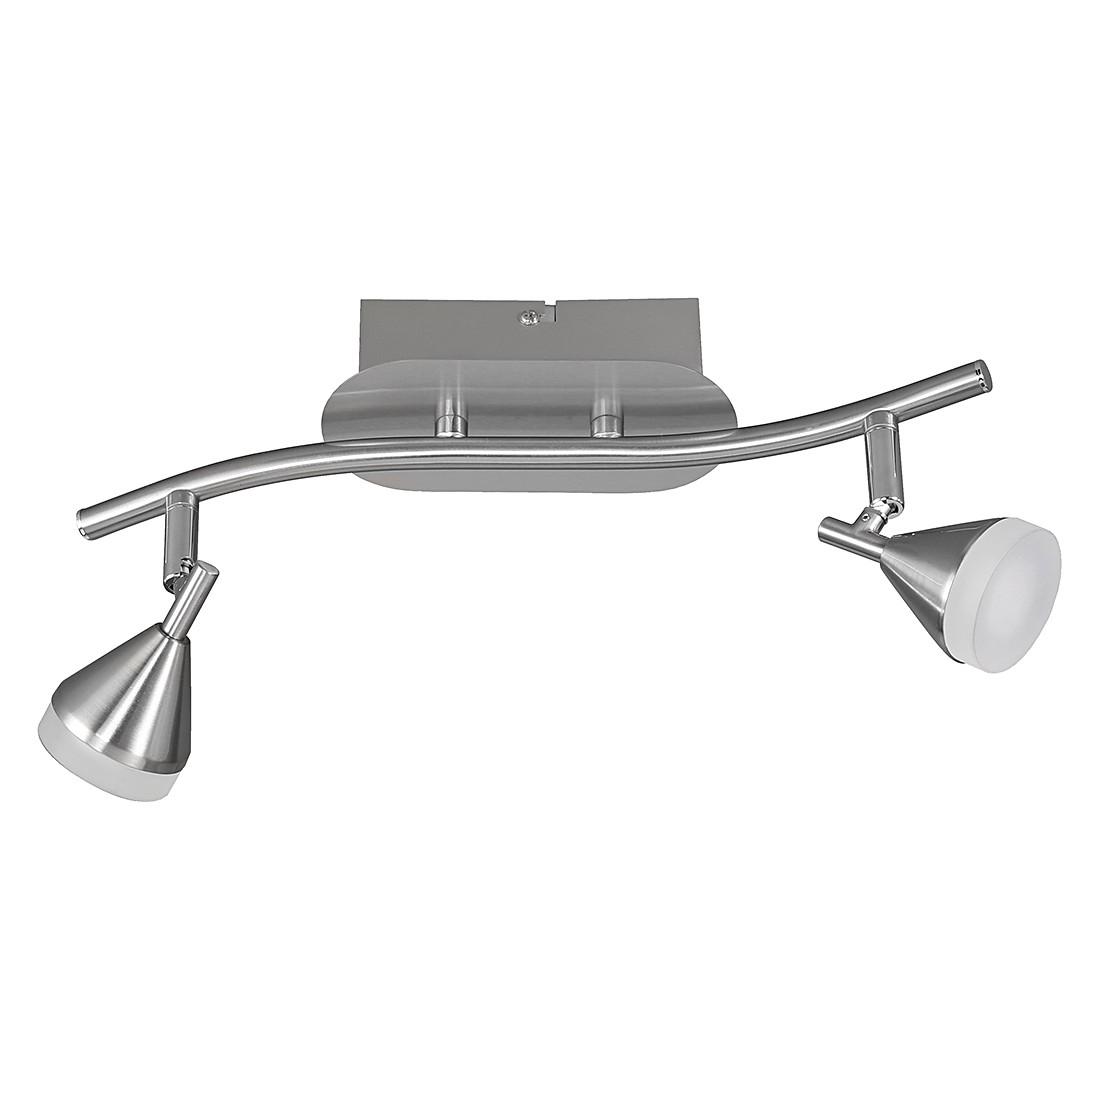 Deckenbalken CAMERON ● Metall/Kunststoff ● 2-flammig- Lux A+